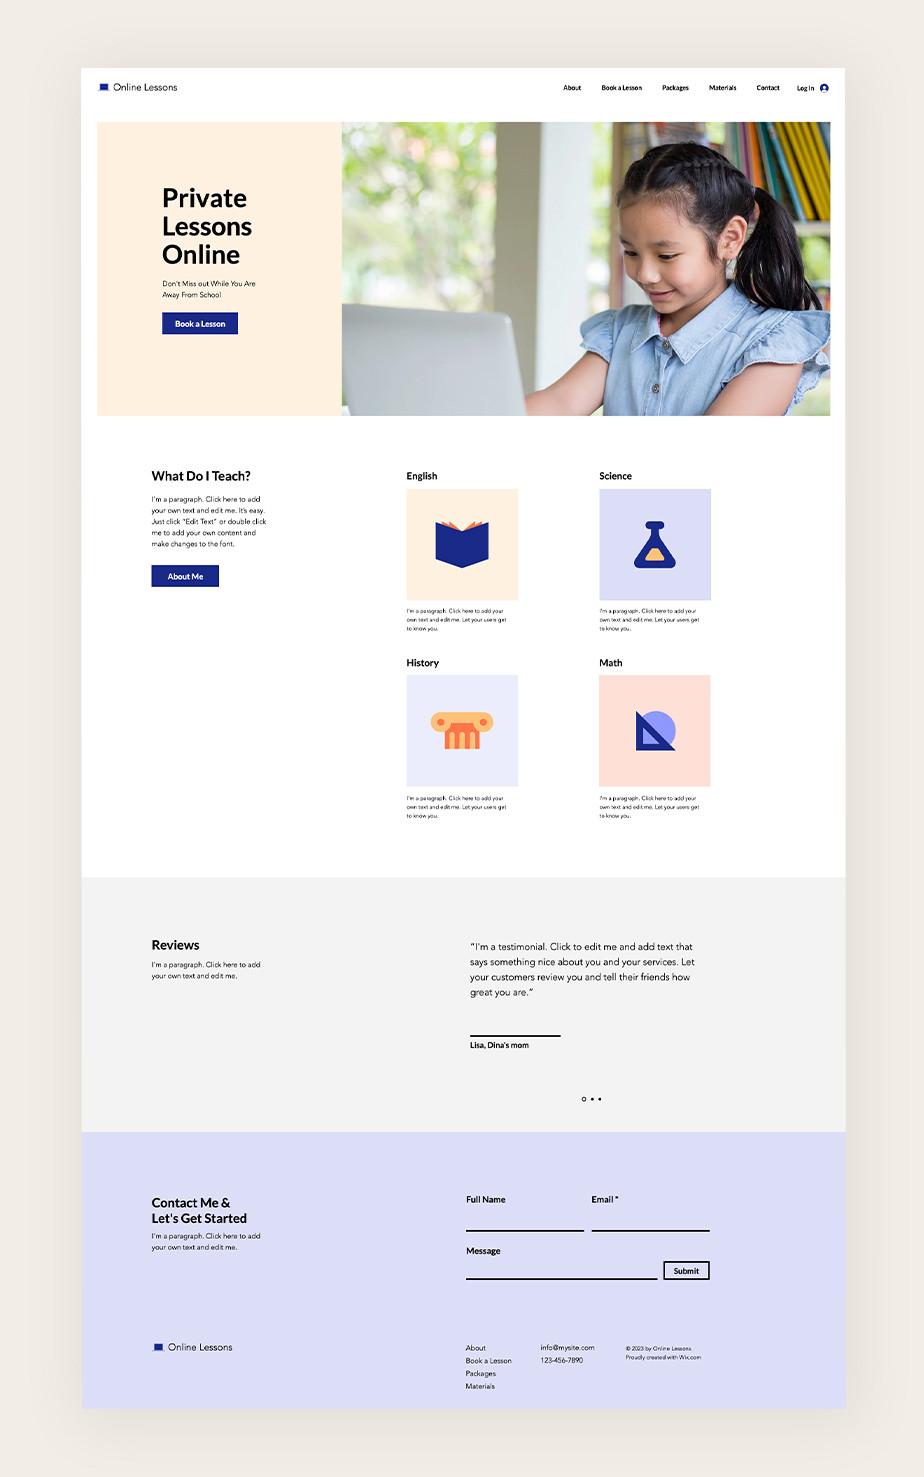 아동을 위한 개인 레슨 회원제 웹사이트의 메인 페이지